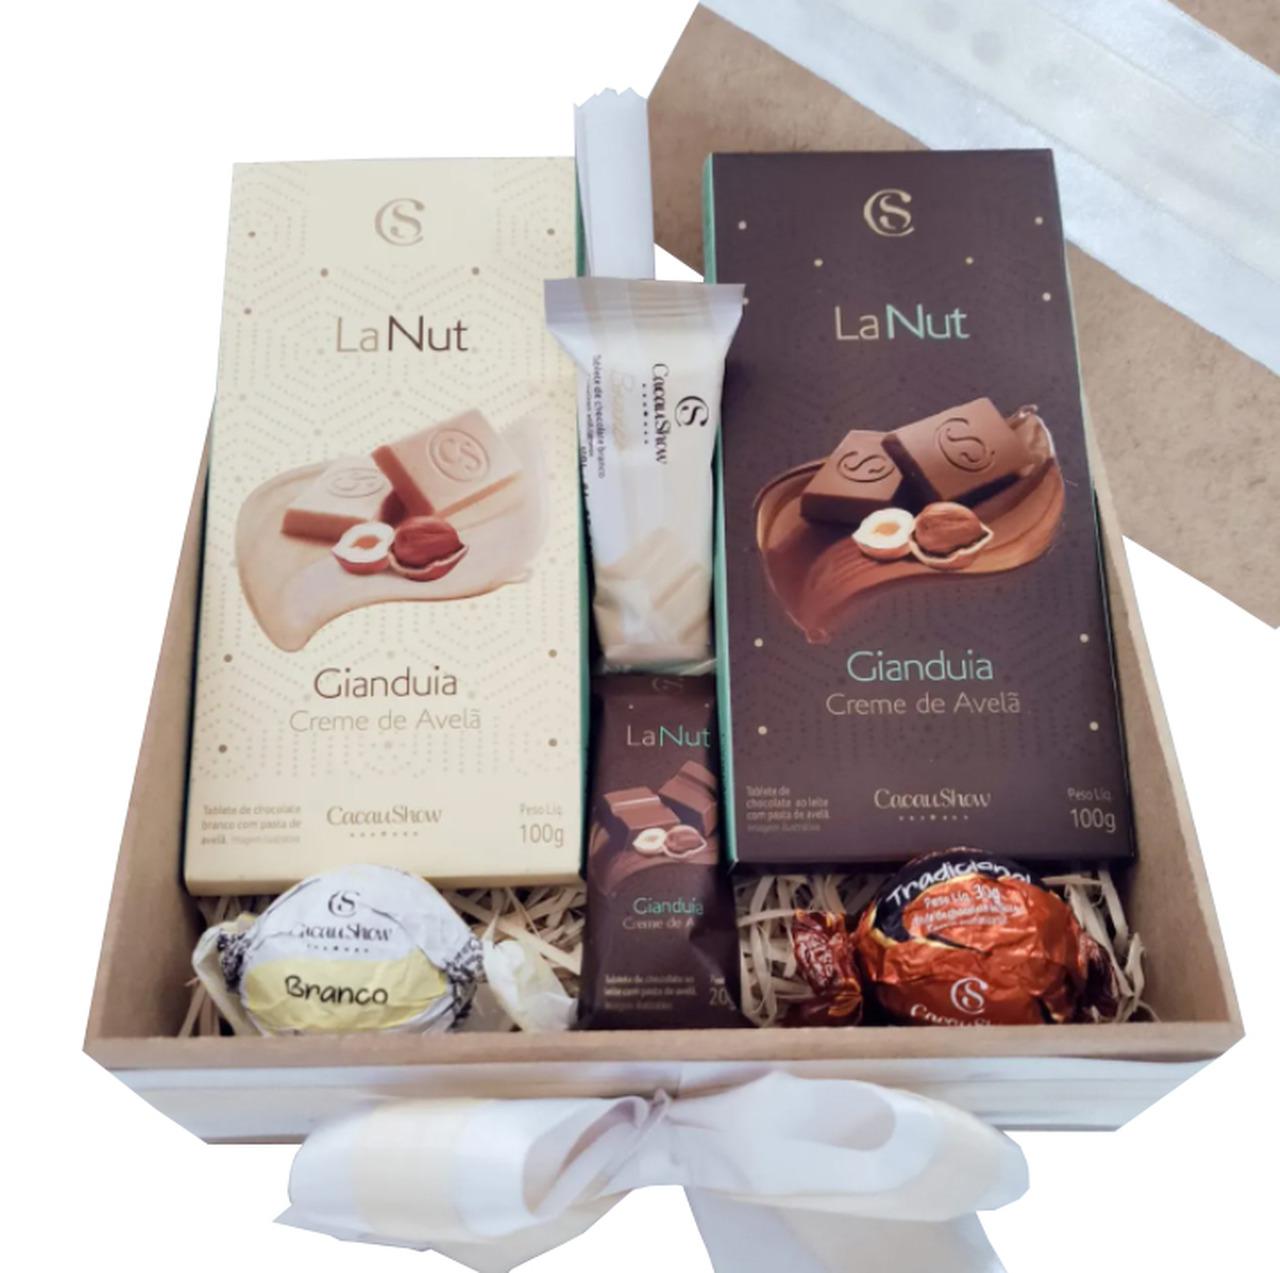 Caixa de Chocolate Cacau Show - Média